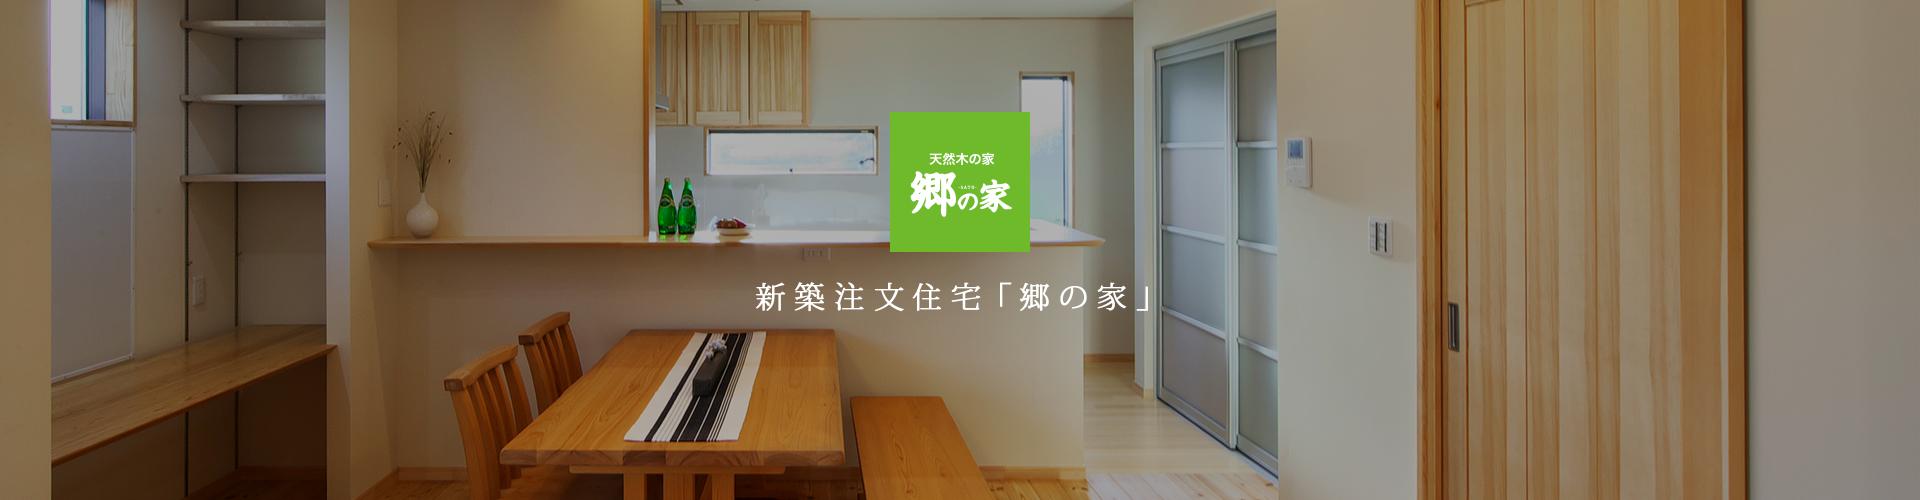 半田・常滑市で自然派の新築注文住宅に拘りたい方は、郷の家に!